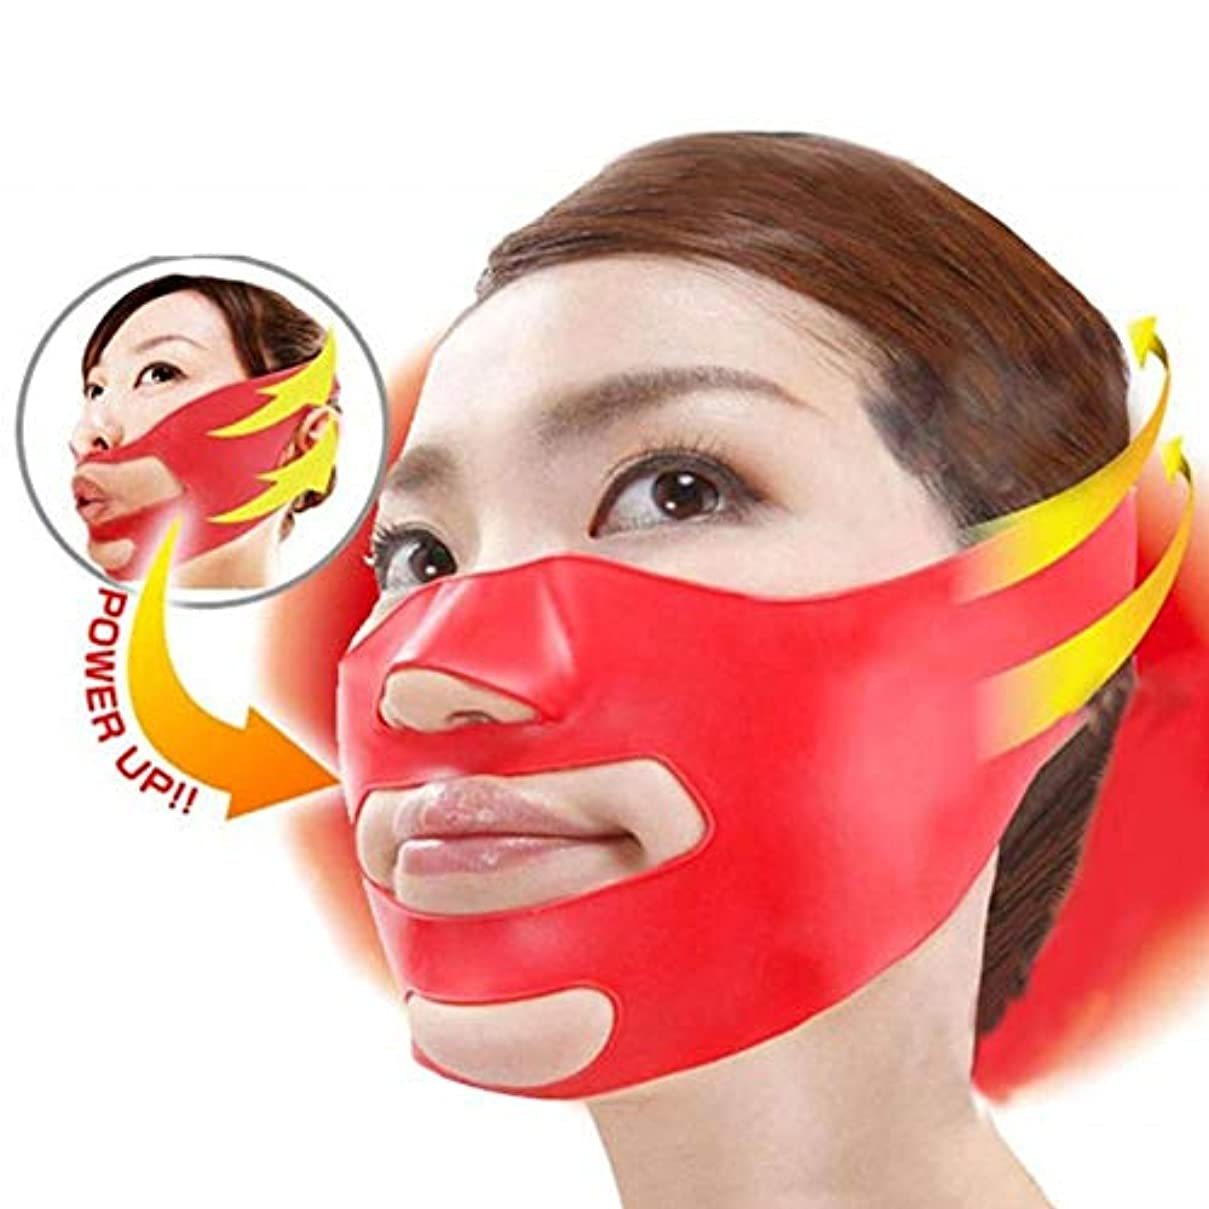 意味するアブストラクト公平1ピース3dフェイスリフトツールフェイシャルシェイパーv頬リフトアップフェイスマスク痩身マスクベルト包帯成形整形スリム女性美容ツール